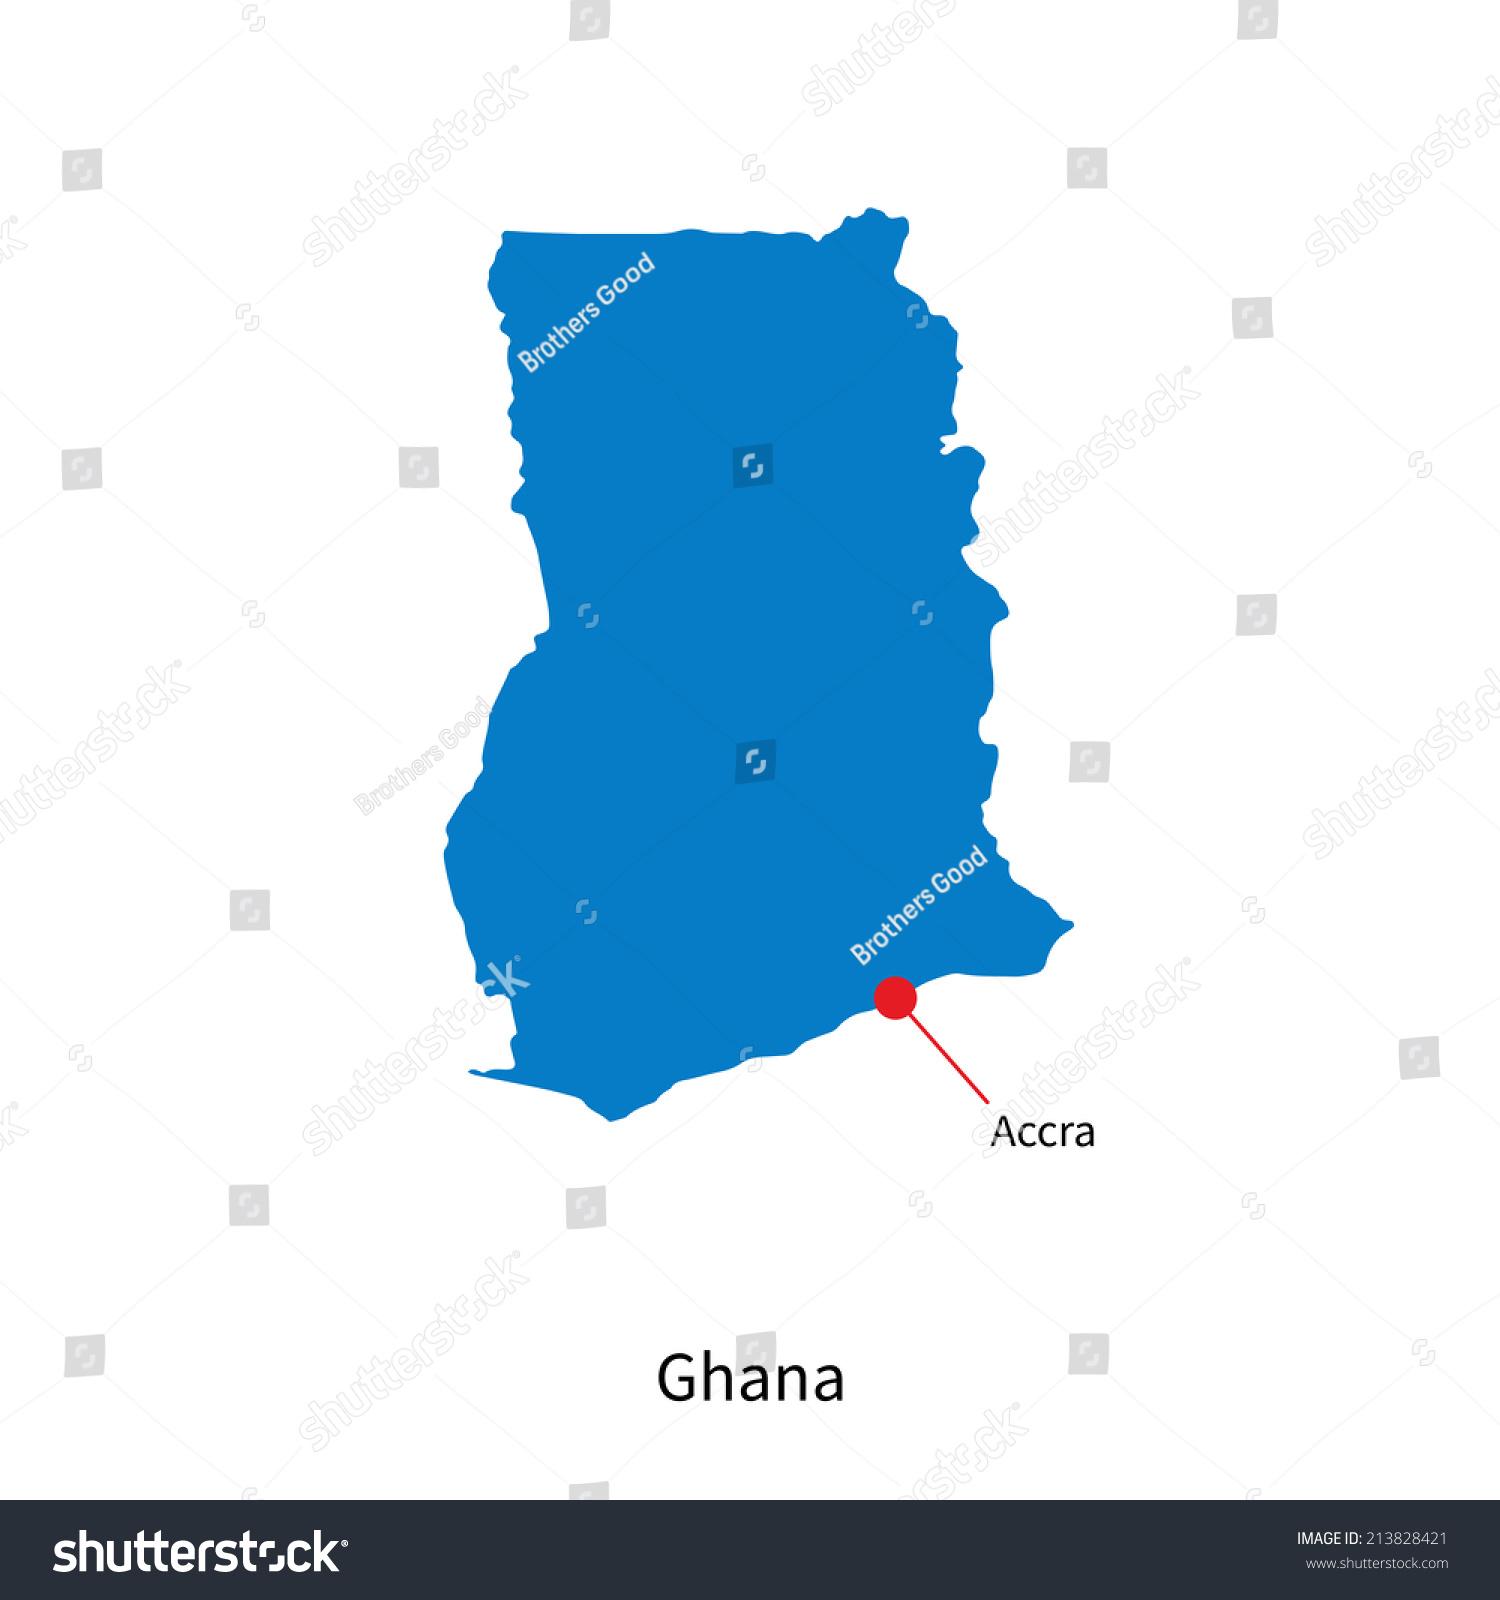 Detailed Vector Map Ghana Capital City Stock Vector - Map of ghana